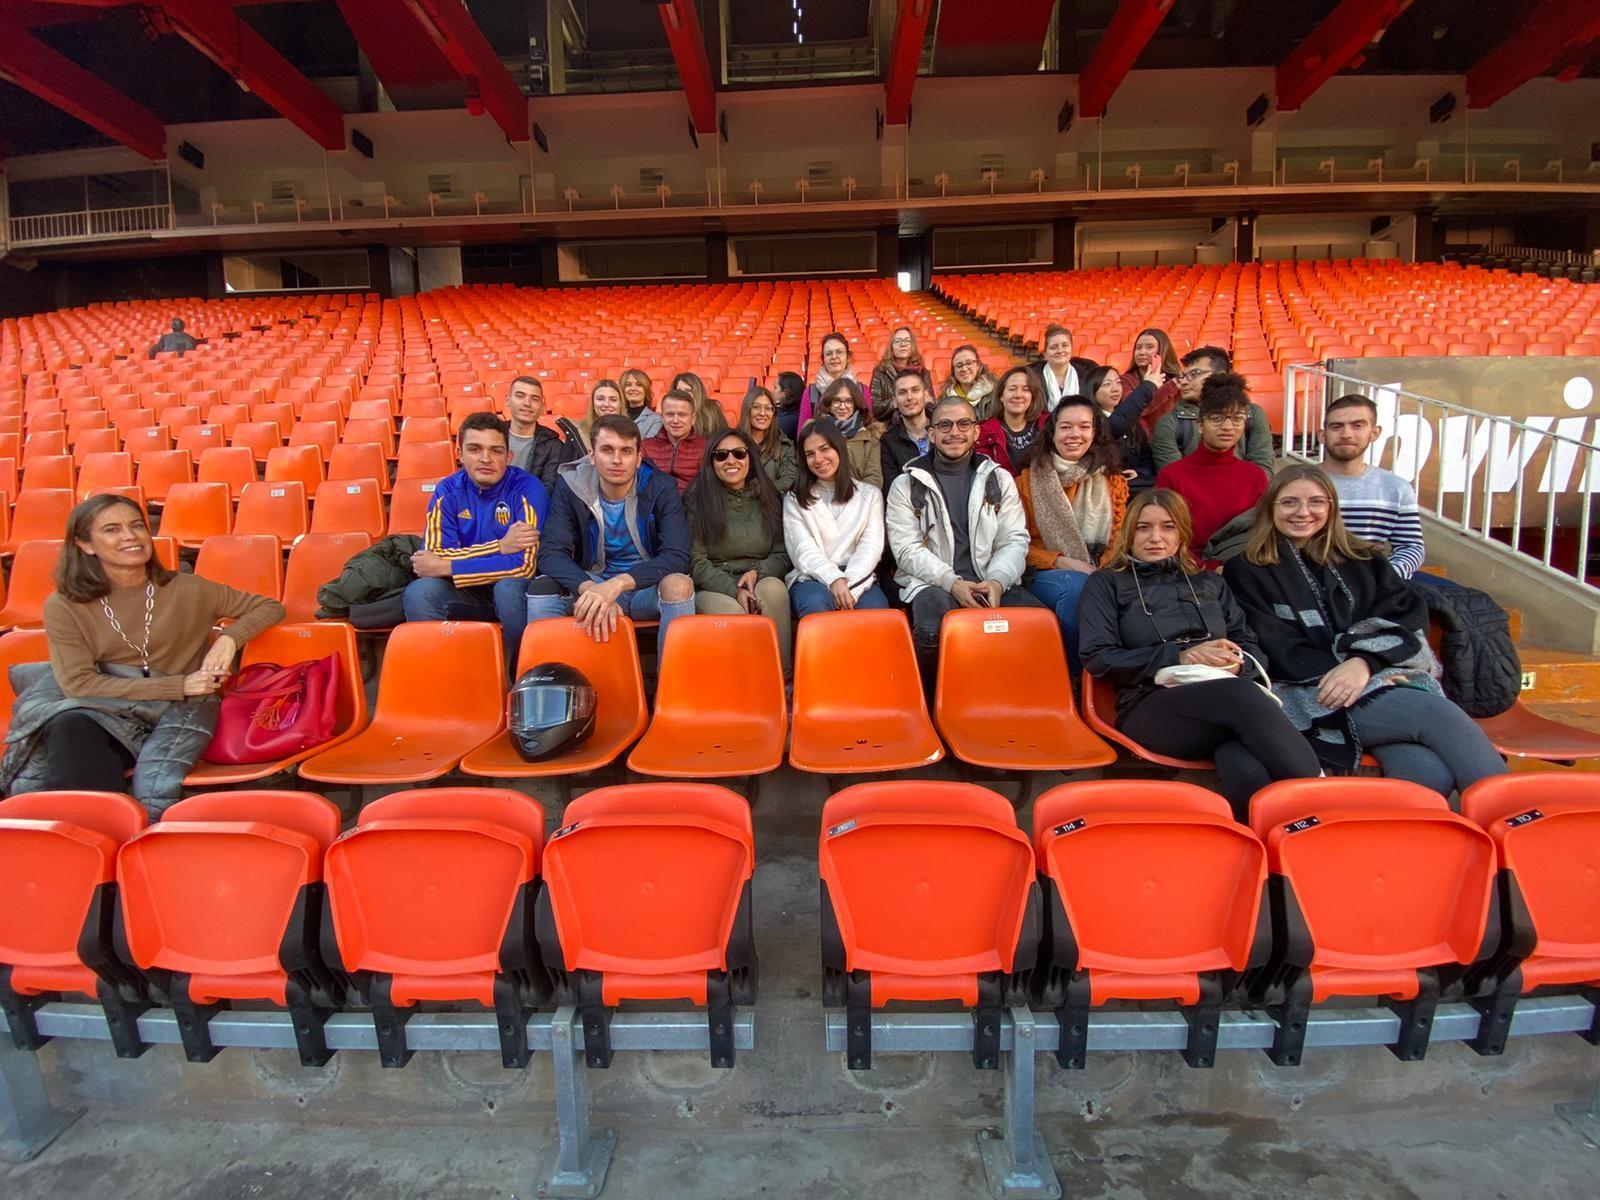 Visita de los estudiantes del Máster a las instalaciones del Valencia Club de Fútbol y posterior charla formativa